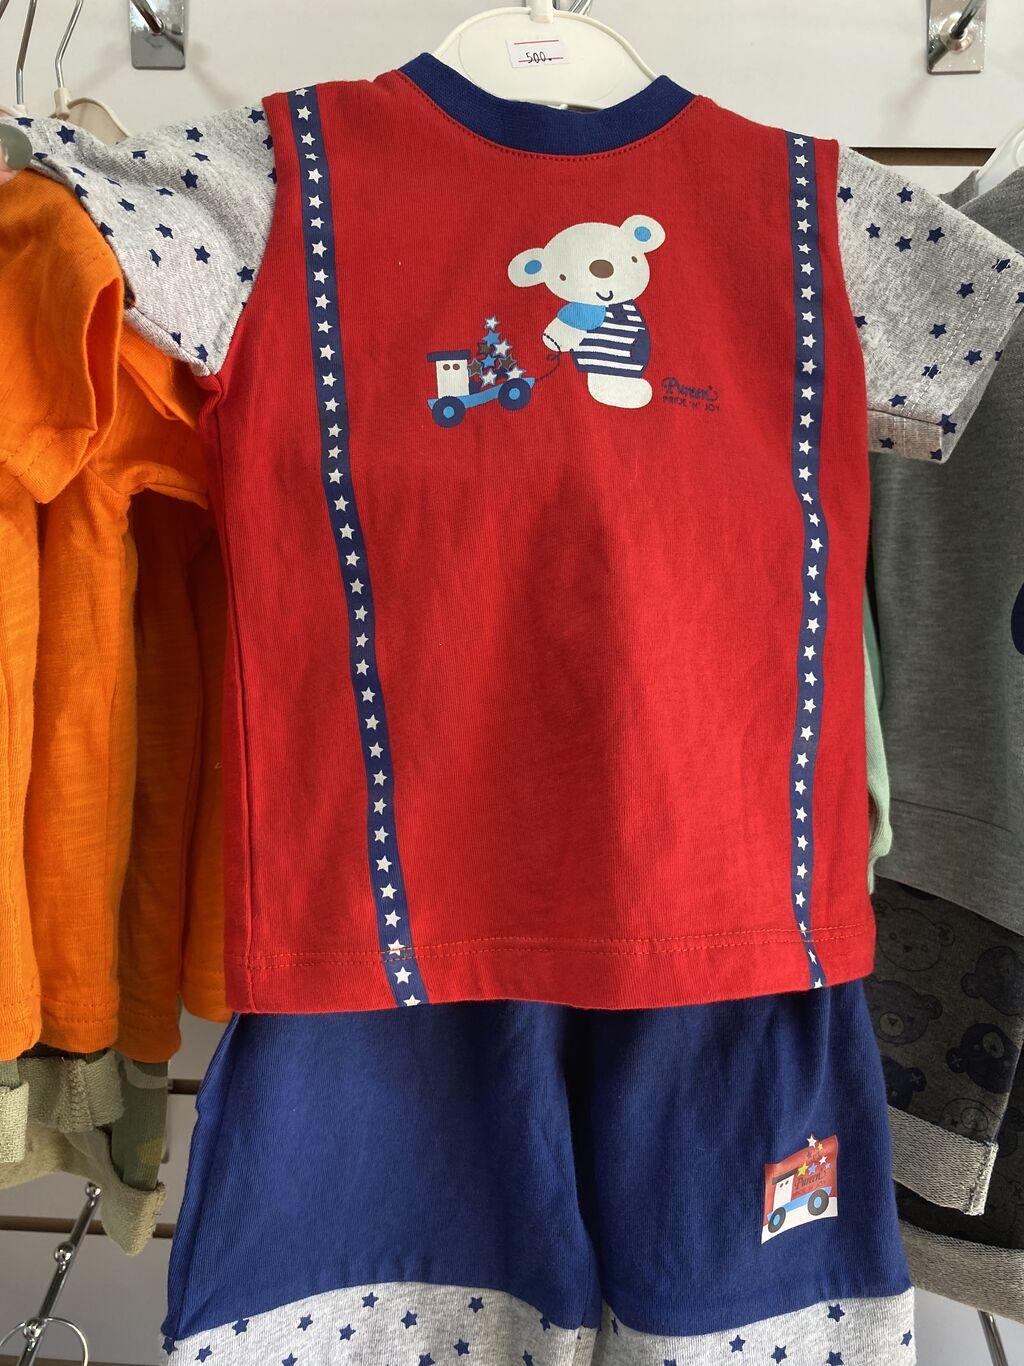 Одежда для детей по оптовым ценам из Кореи,Турции,Индии,Гуанчжоу и КР: Одежда для детей по оптовым ценам из Кореи,Турции,Индии,Гуанчжоу и КР.